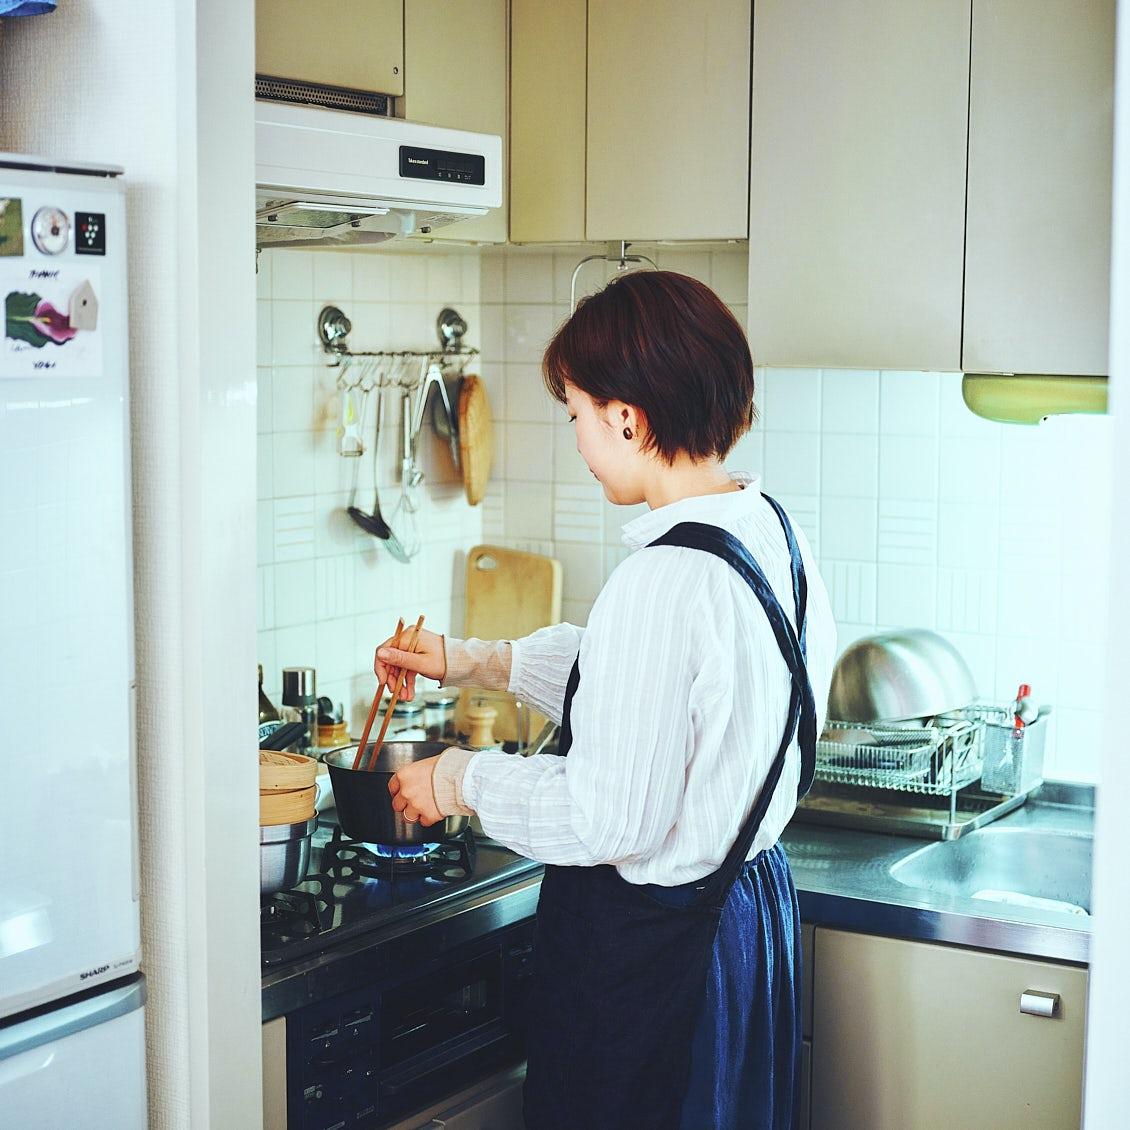 【ご飯づくりはもっと気楽に】生活クラブを続けて1年。わが家の食卓、どう変わった?